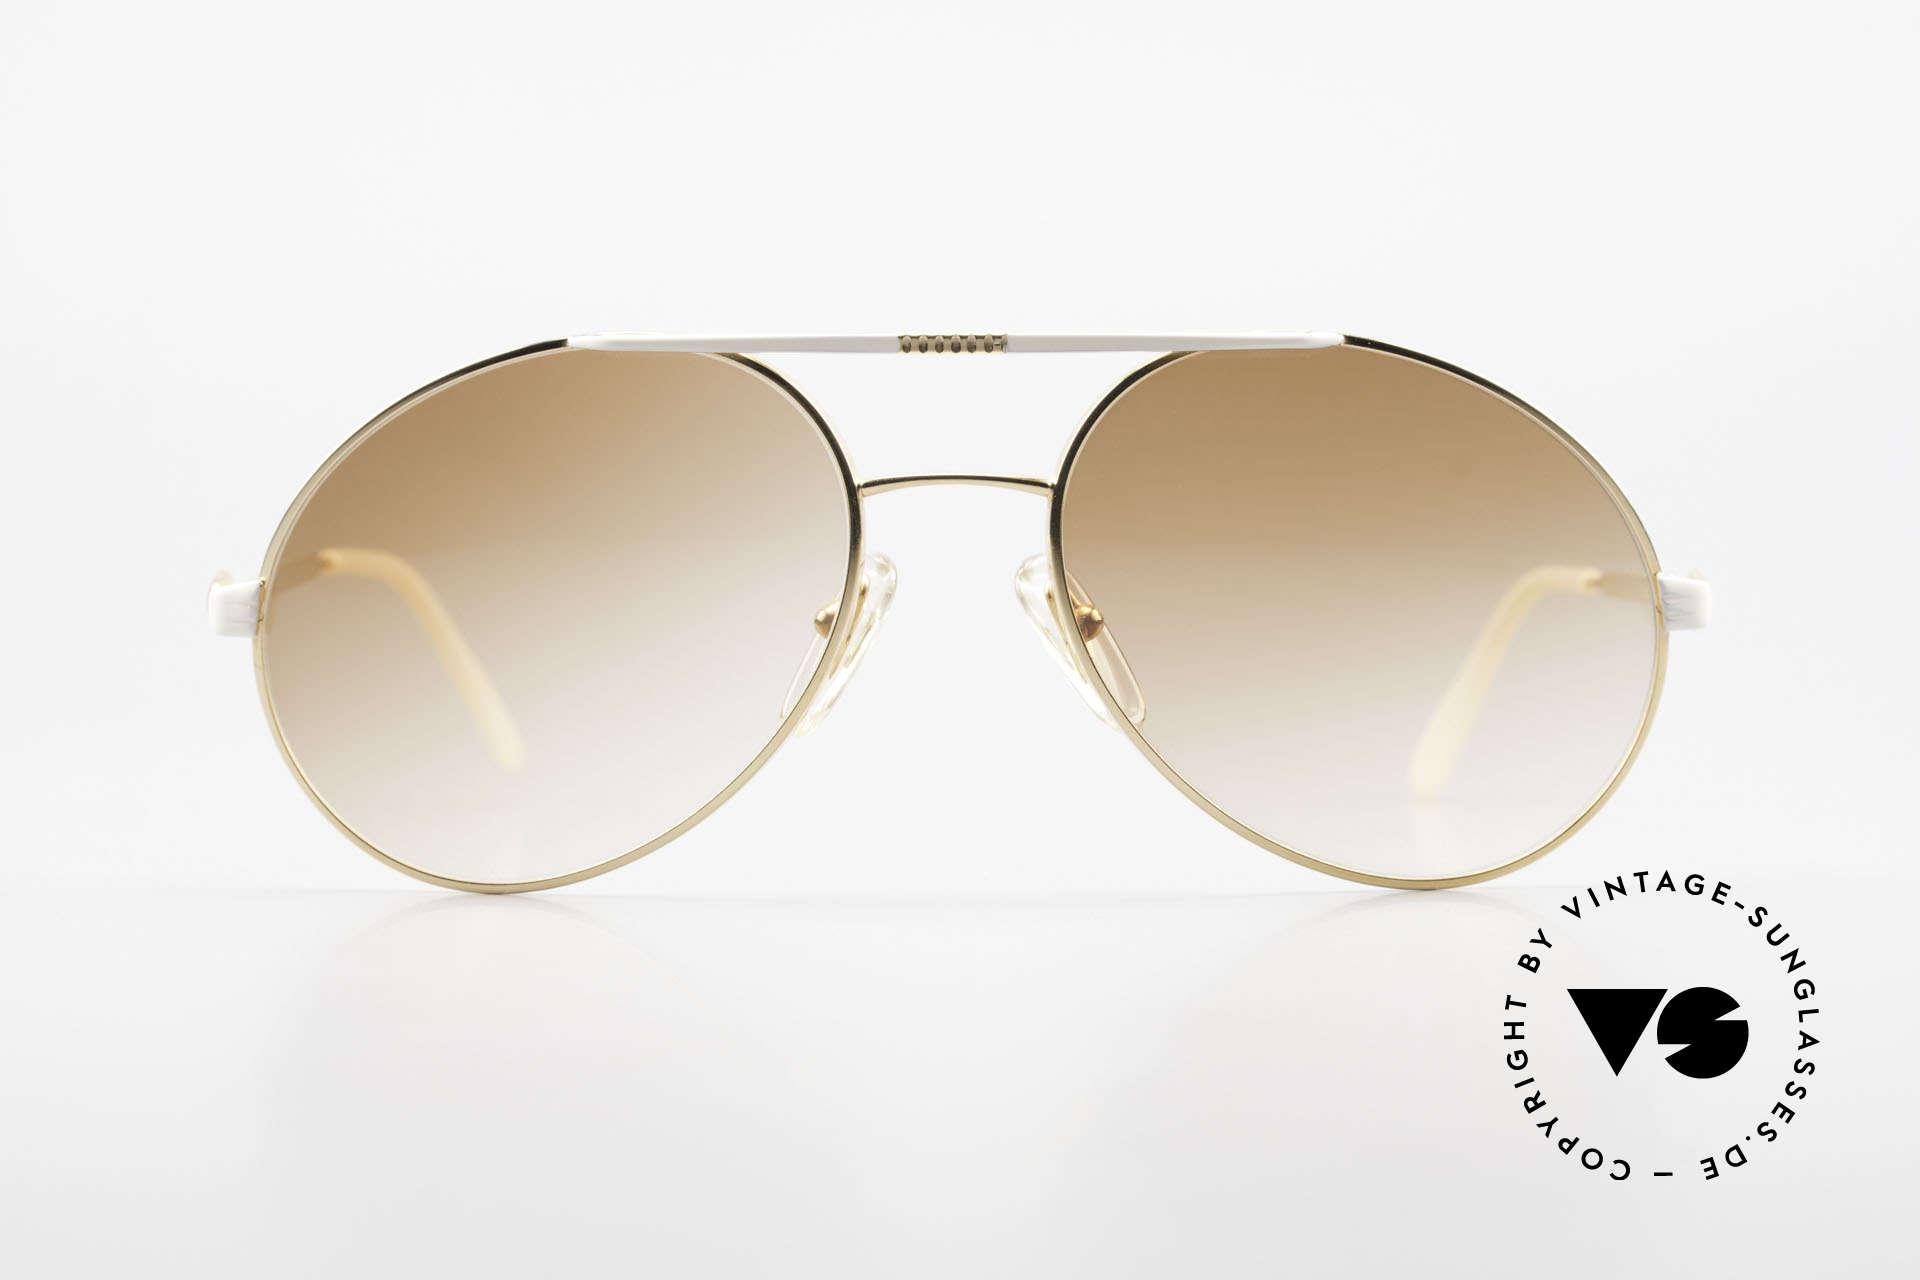 Bugatti 64317 Herren Sonnenbrille Vintage, höchste Qualität & beste Passform (made in France), Passend für Herren